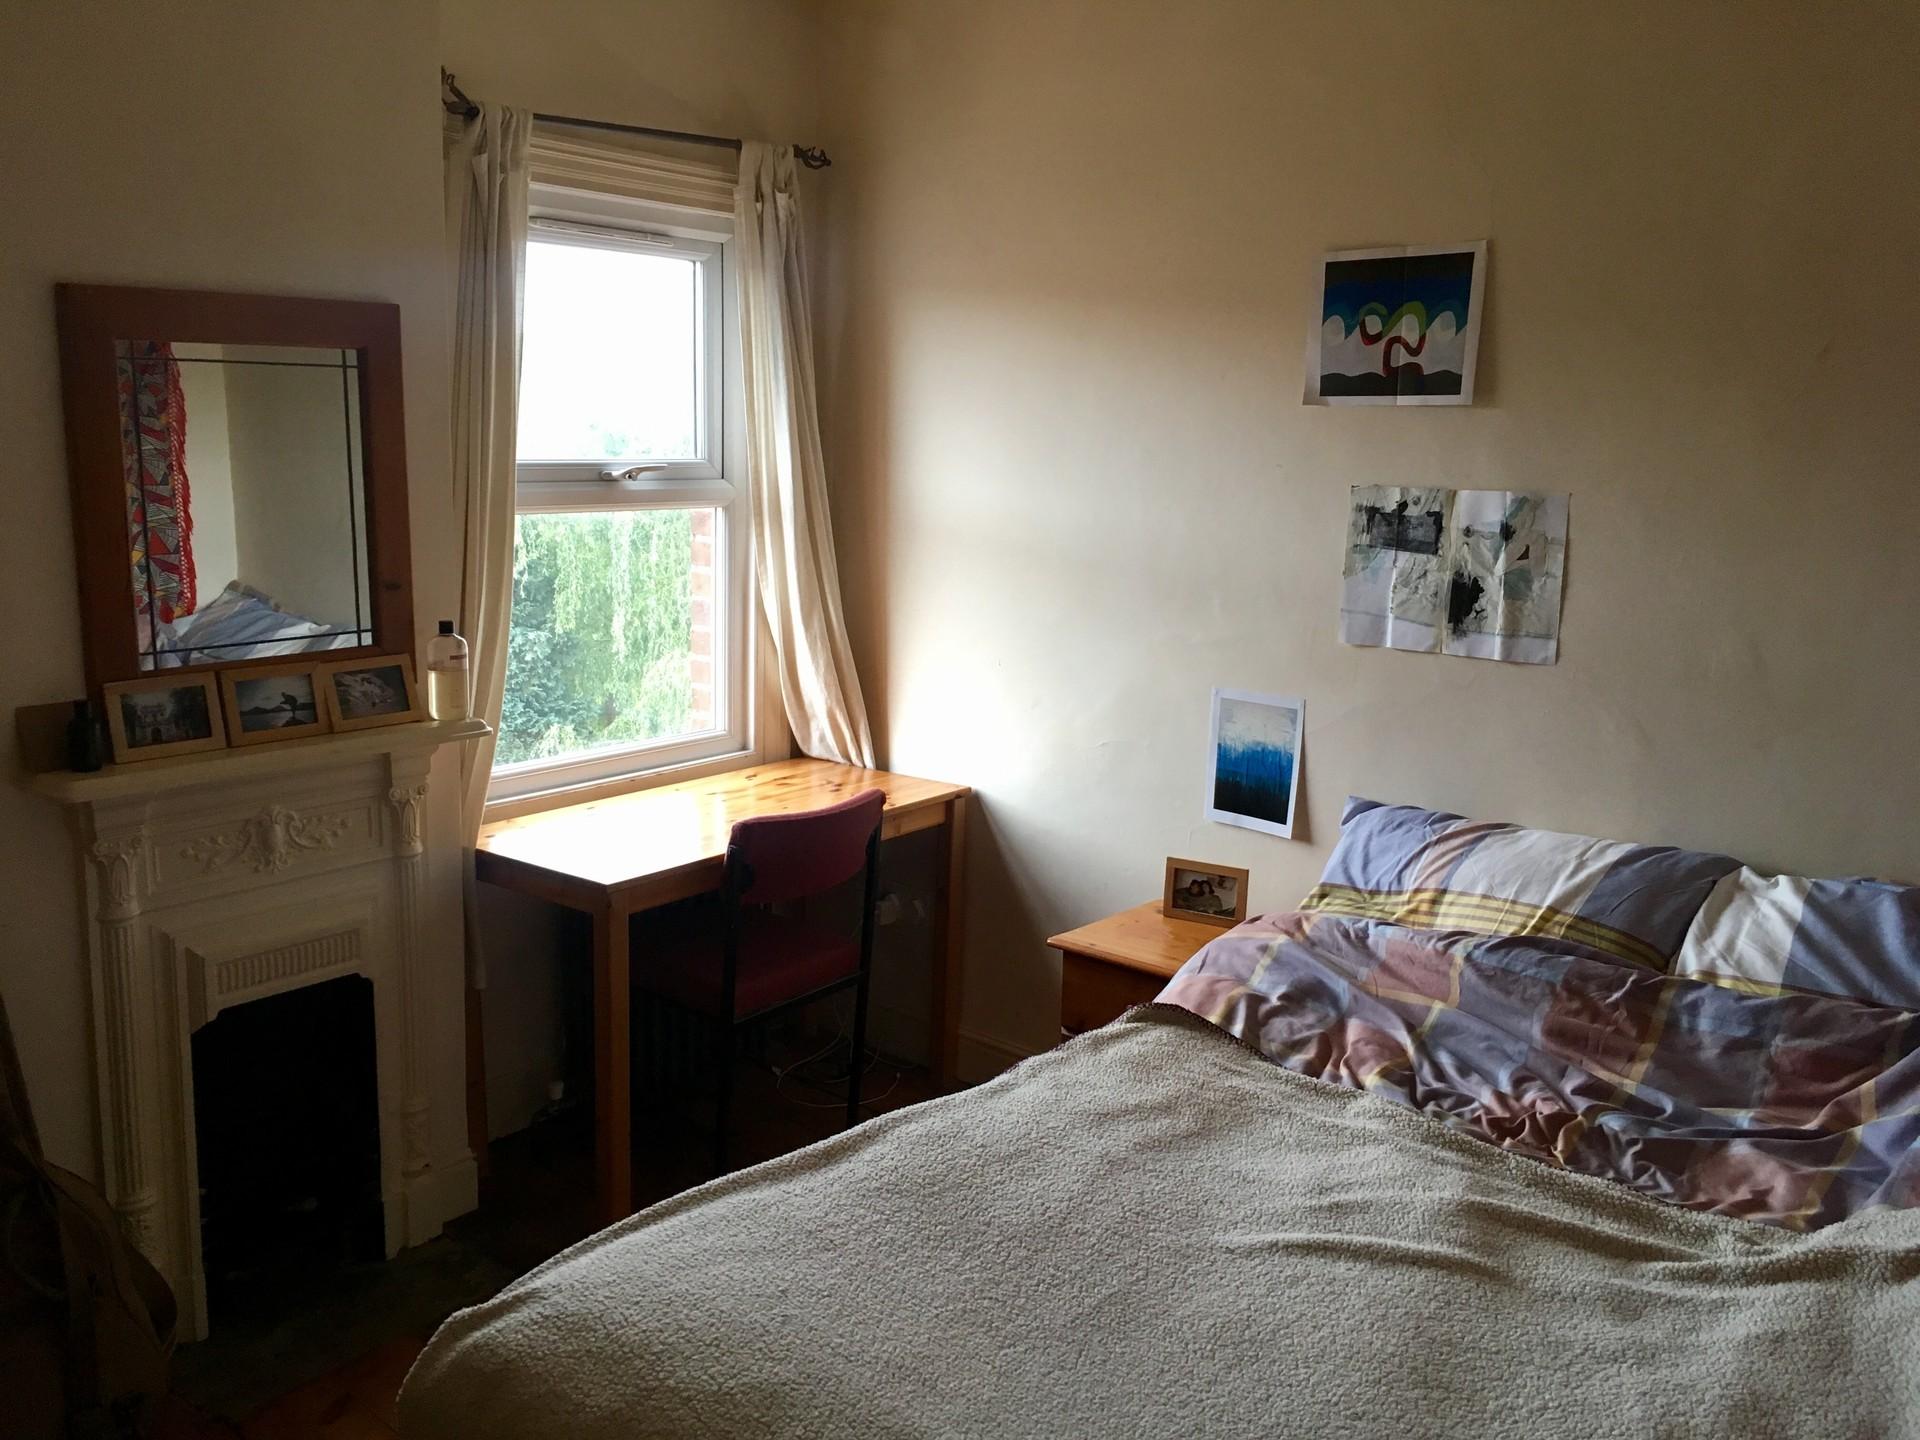 lovely-double-bedroom-near-uea-97e88d3f2016b9b1c77d4928fa07a07b